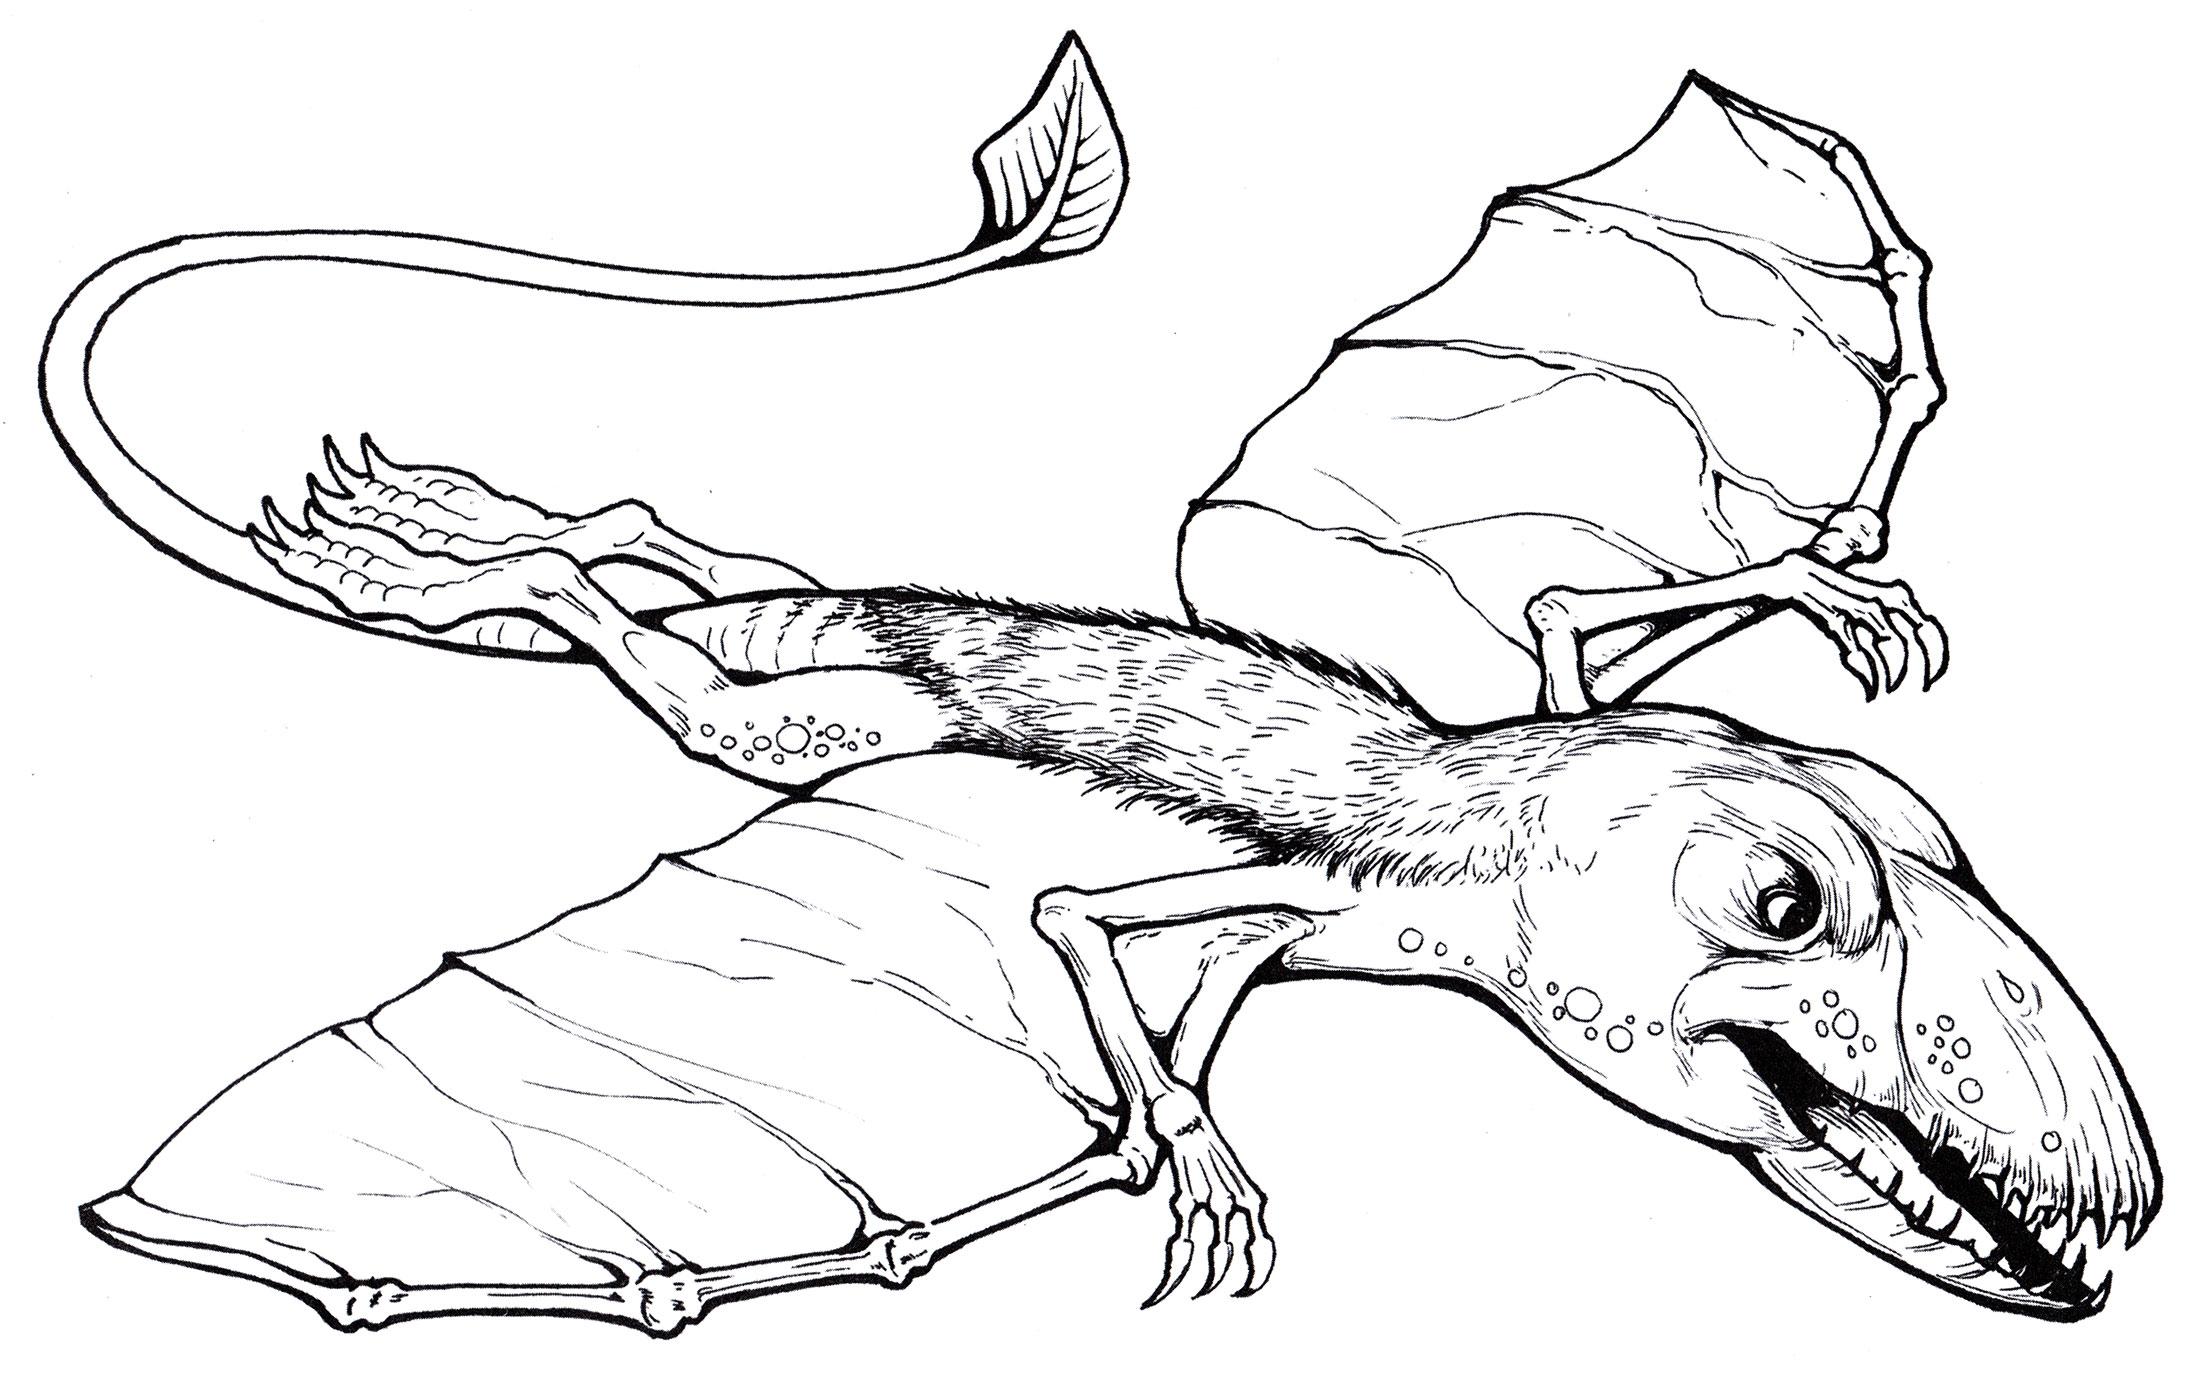 того, раскраска летающие динозавры поднялись